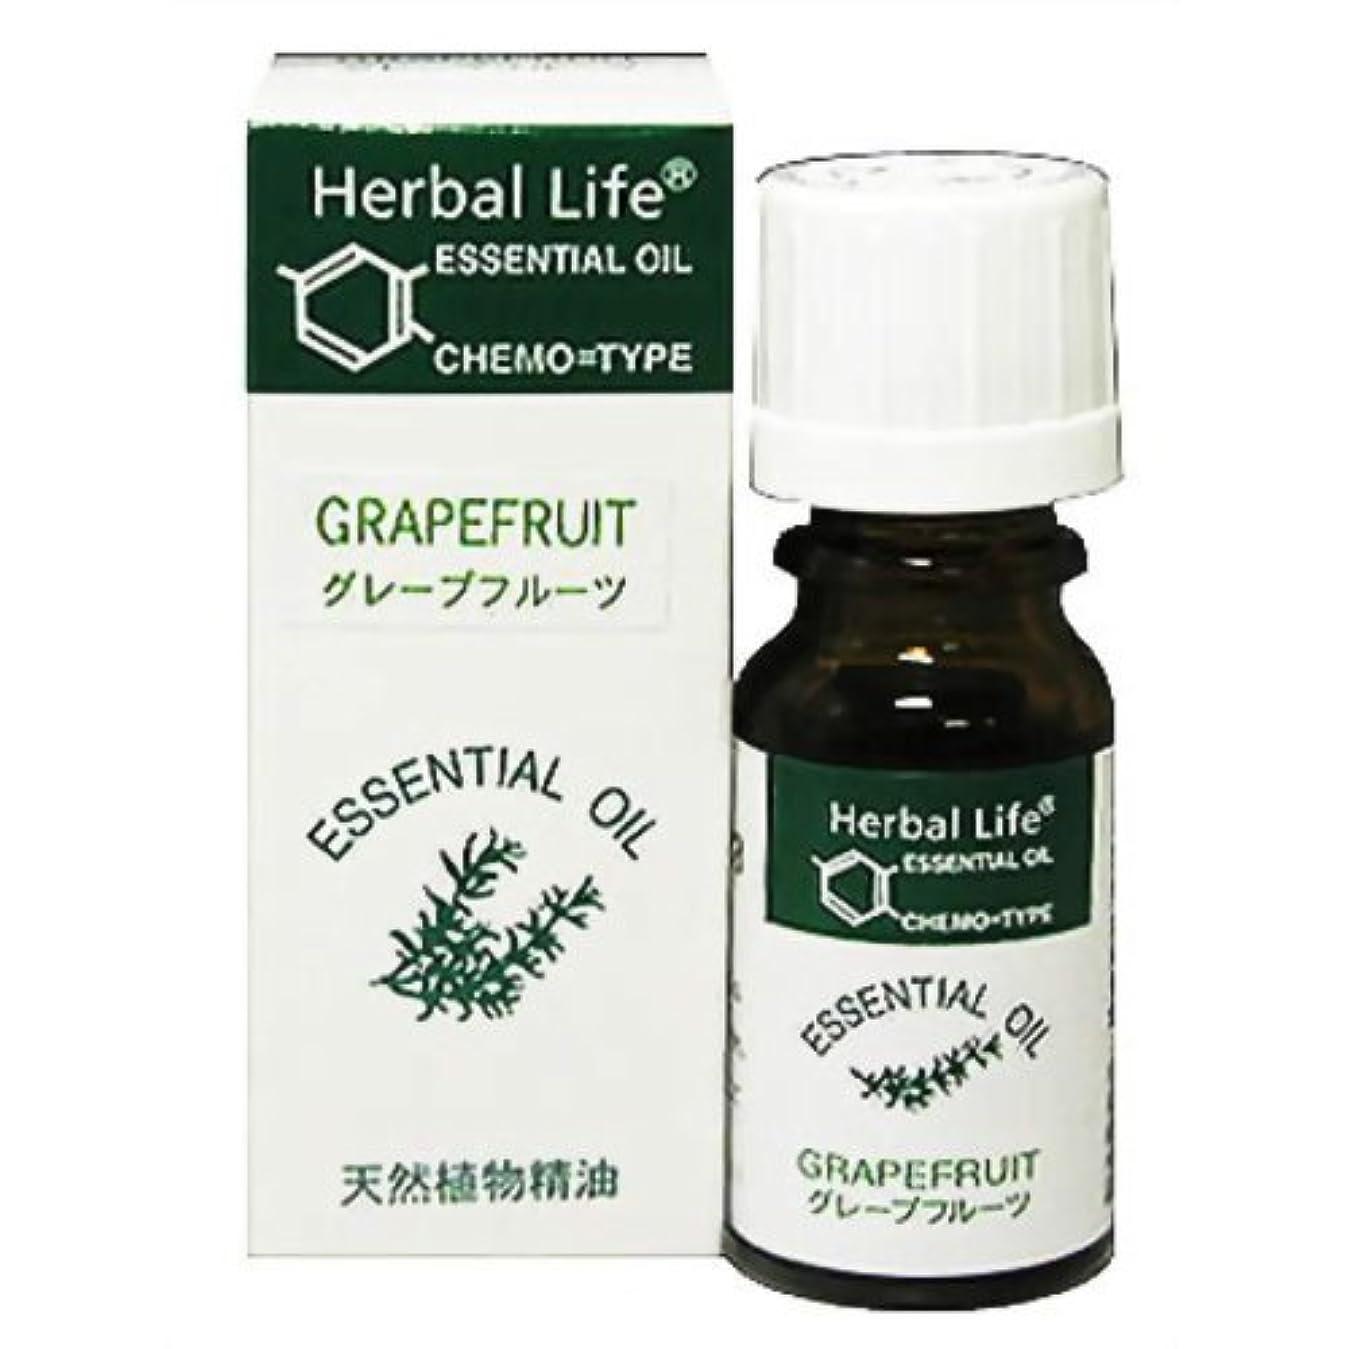 誇りシート簡略化する生活の木 Herbal Life グレープフルーツ 10ml